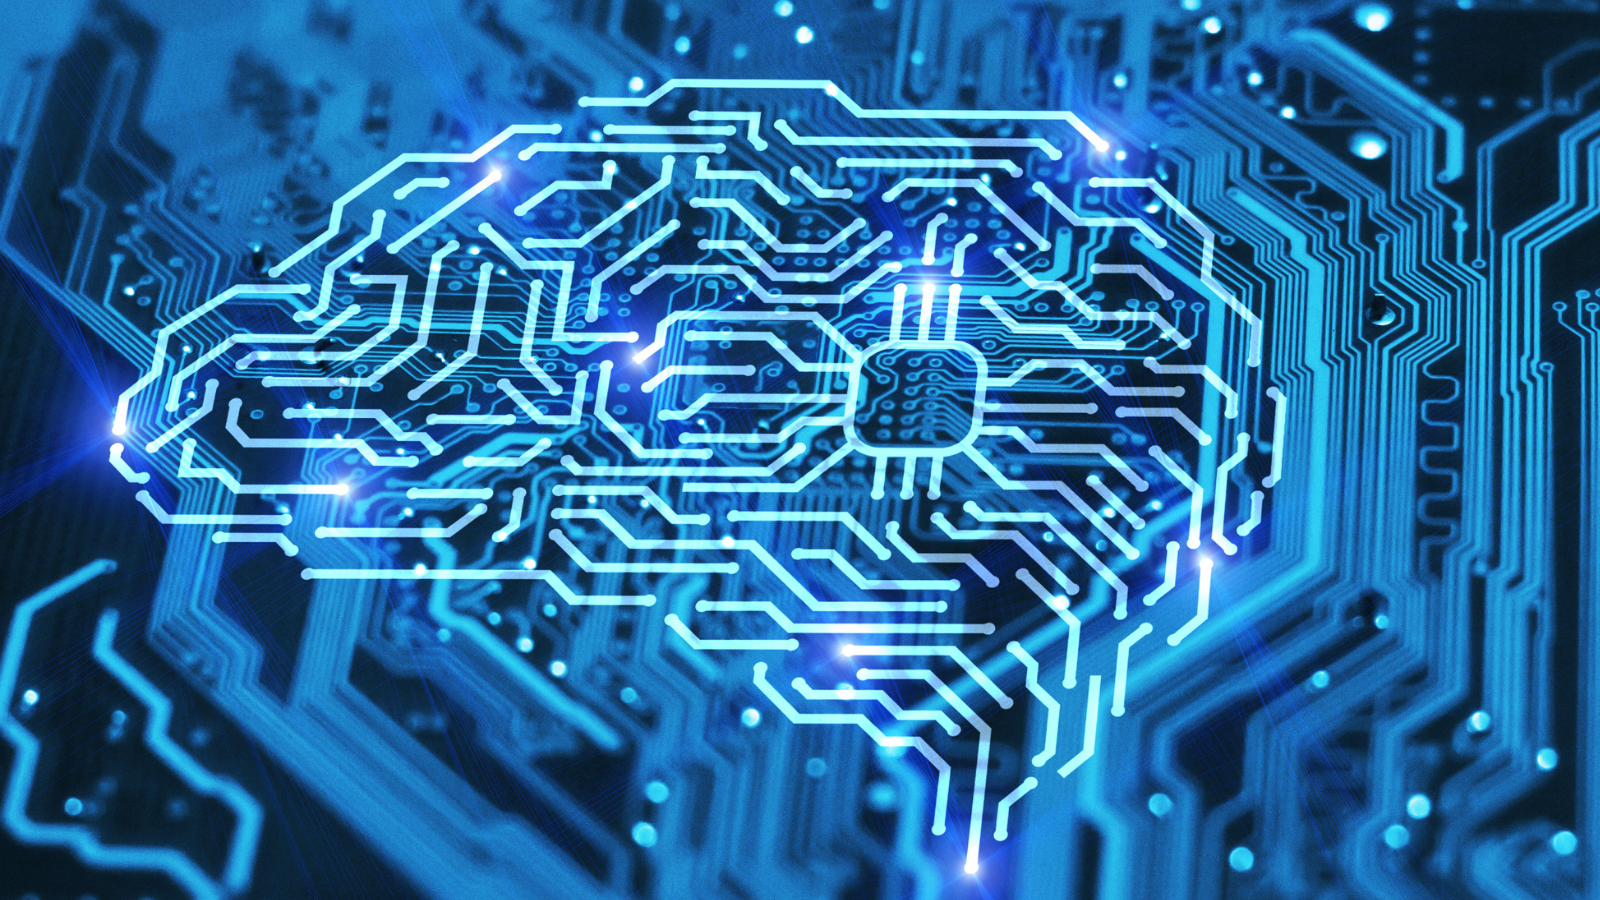 Une représentation d'un cerveau fait de réseau informatique